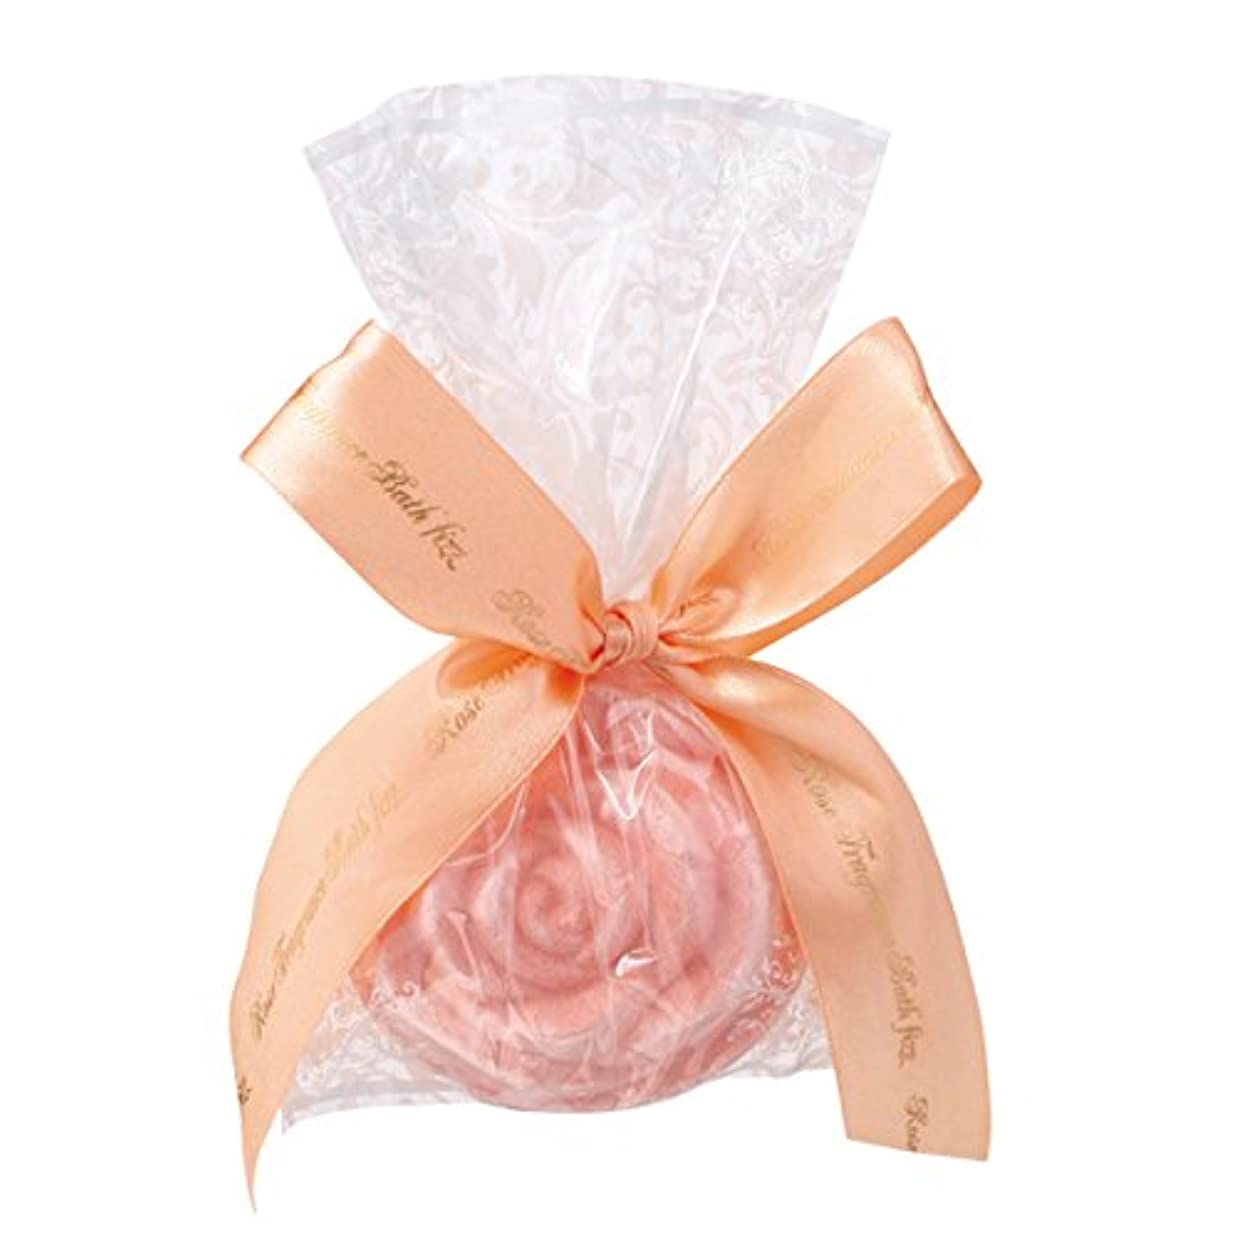 放散するバレエ学校の先生(内野)UCHINO ノルコーポレーション ローズフレグランスバスフィズ(ラビングローズの香り)